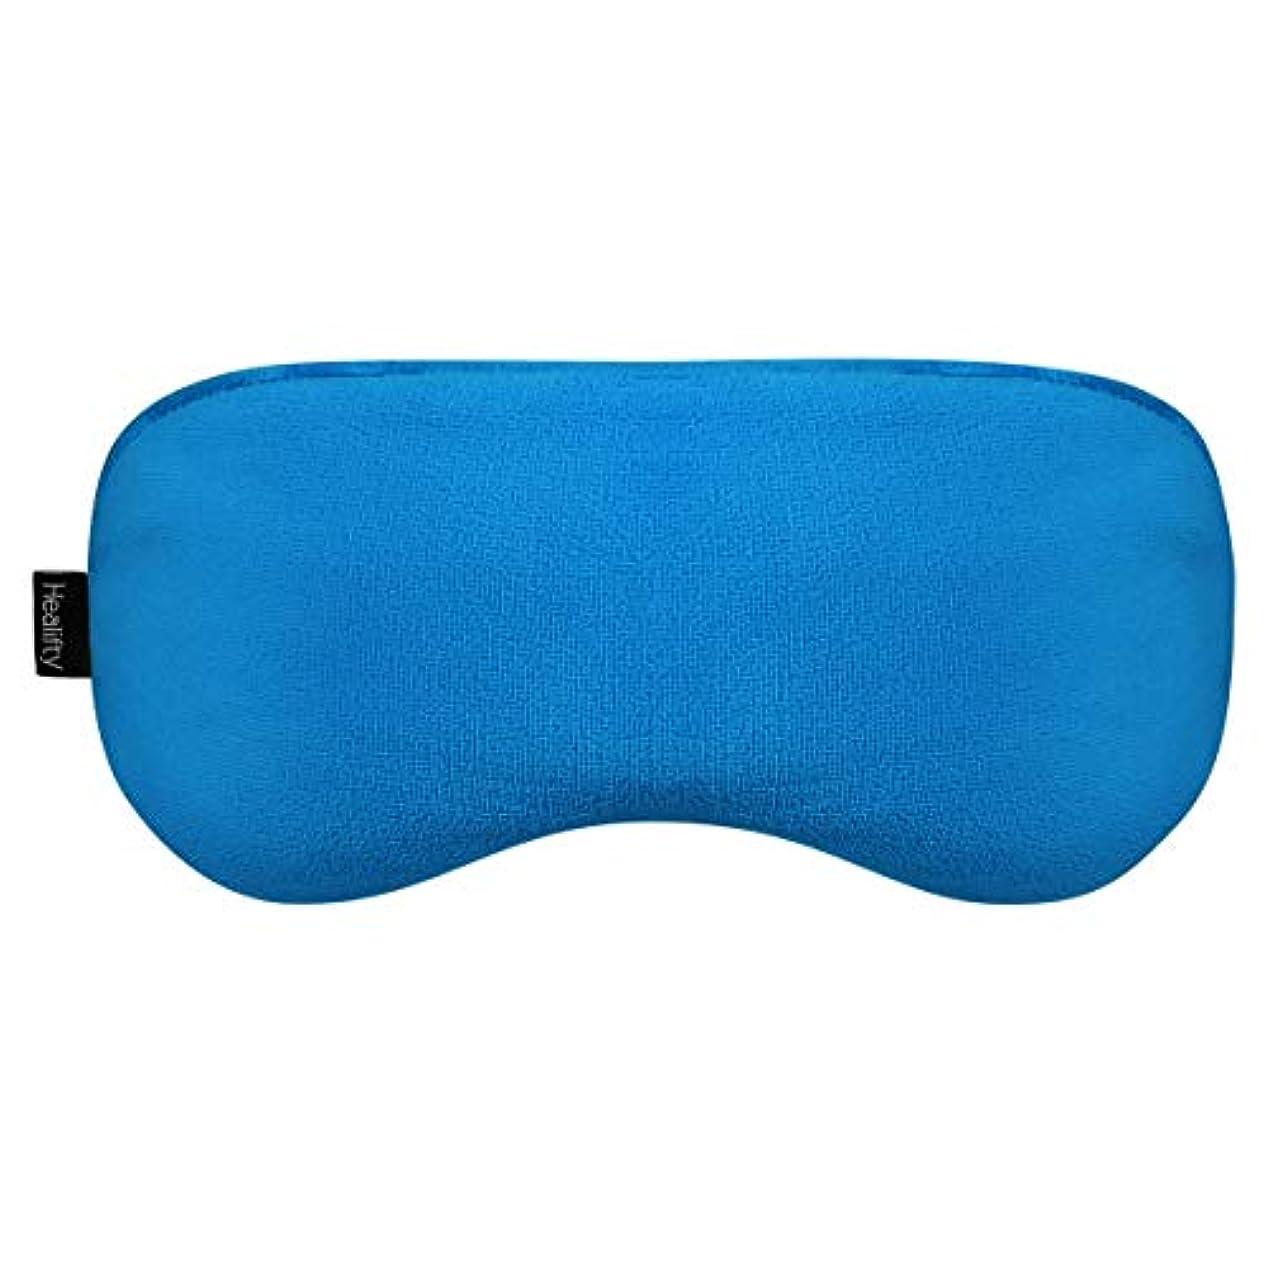 ソブリケットありふれた万歳SUPVOX ホーム旅行のための温かいアイマスクポータブル睡眠マスクマッサージヘルスケア(青)